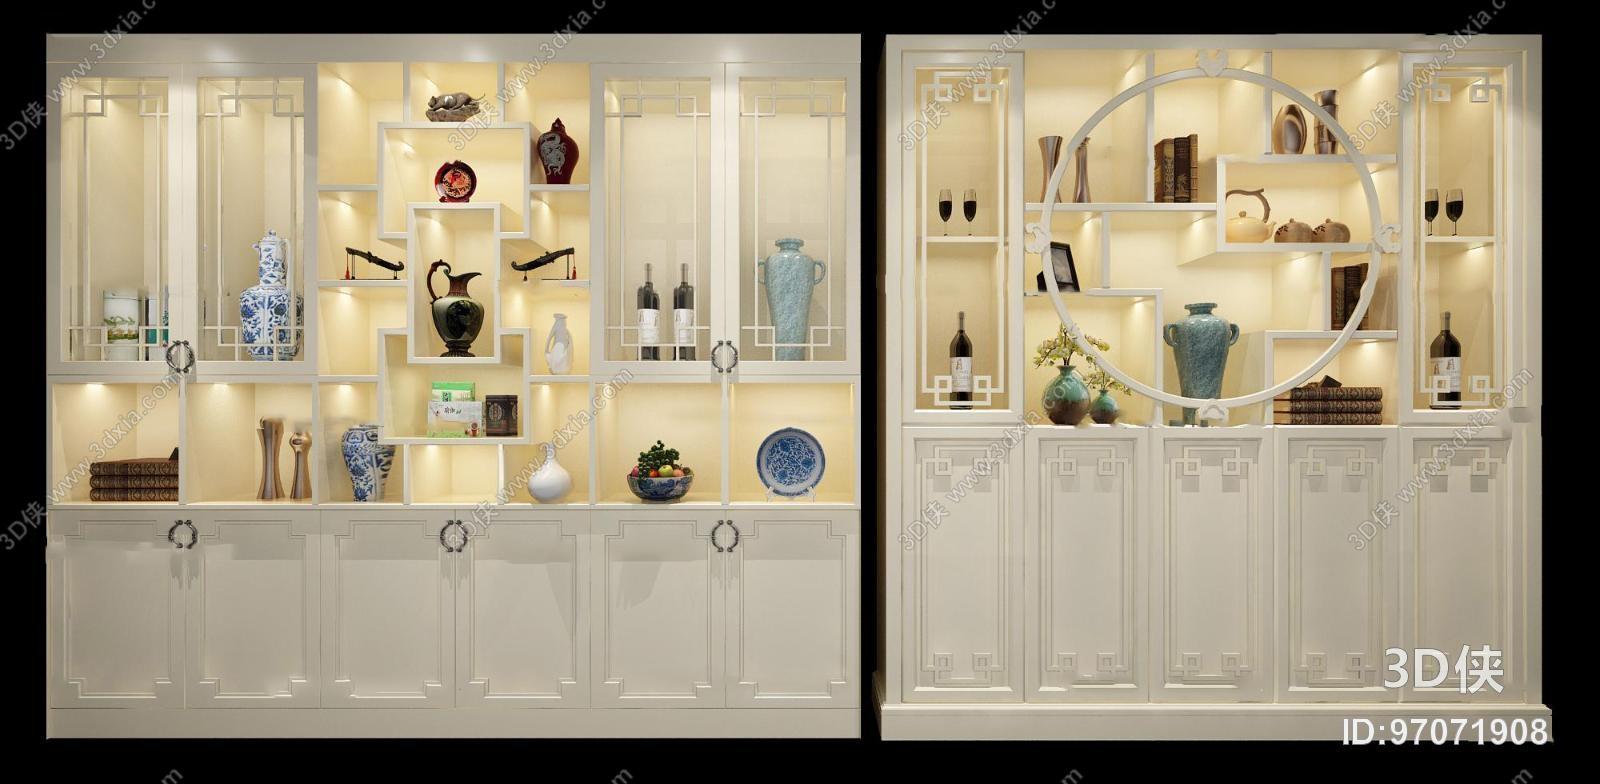 酒柜效果图素材免费下载,本作品主题是中式白色酒柜器皿摆件组合3d图片